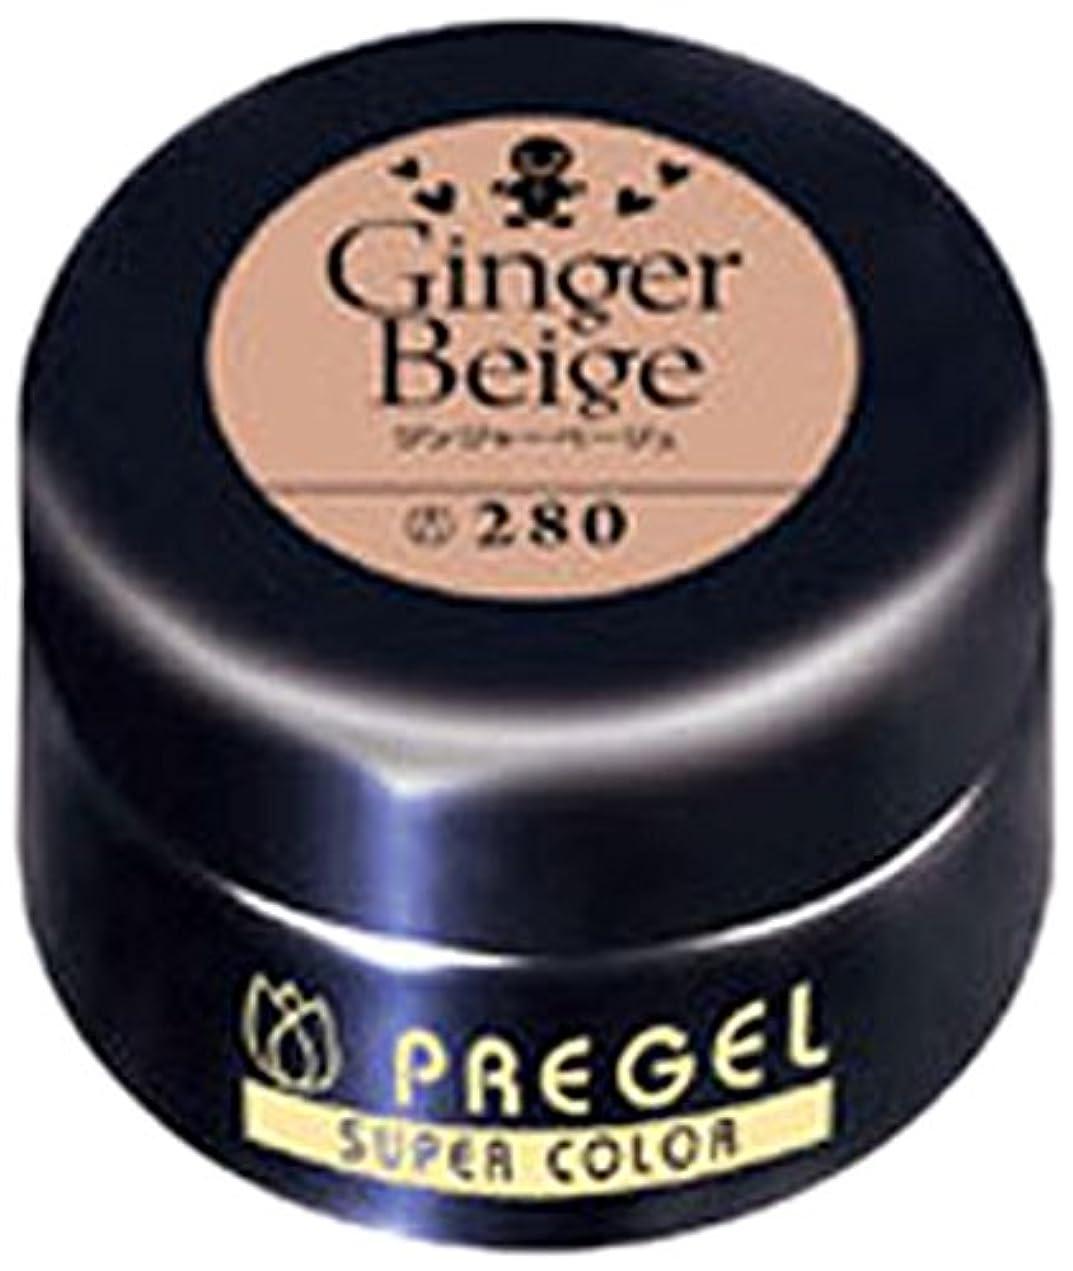 レディ変えるおもてなしプリジェル ジェルネイル スーパーカラーEX ジンジャーベージュ 4g PG-SE280